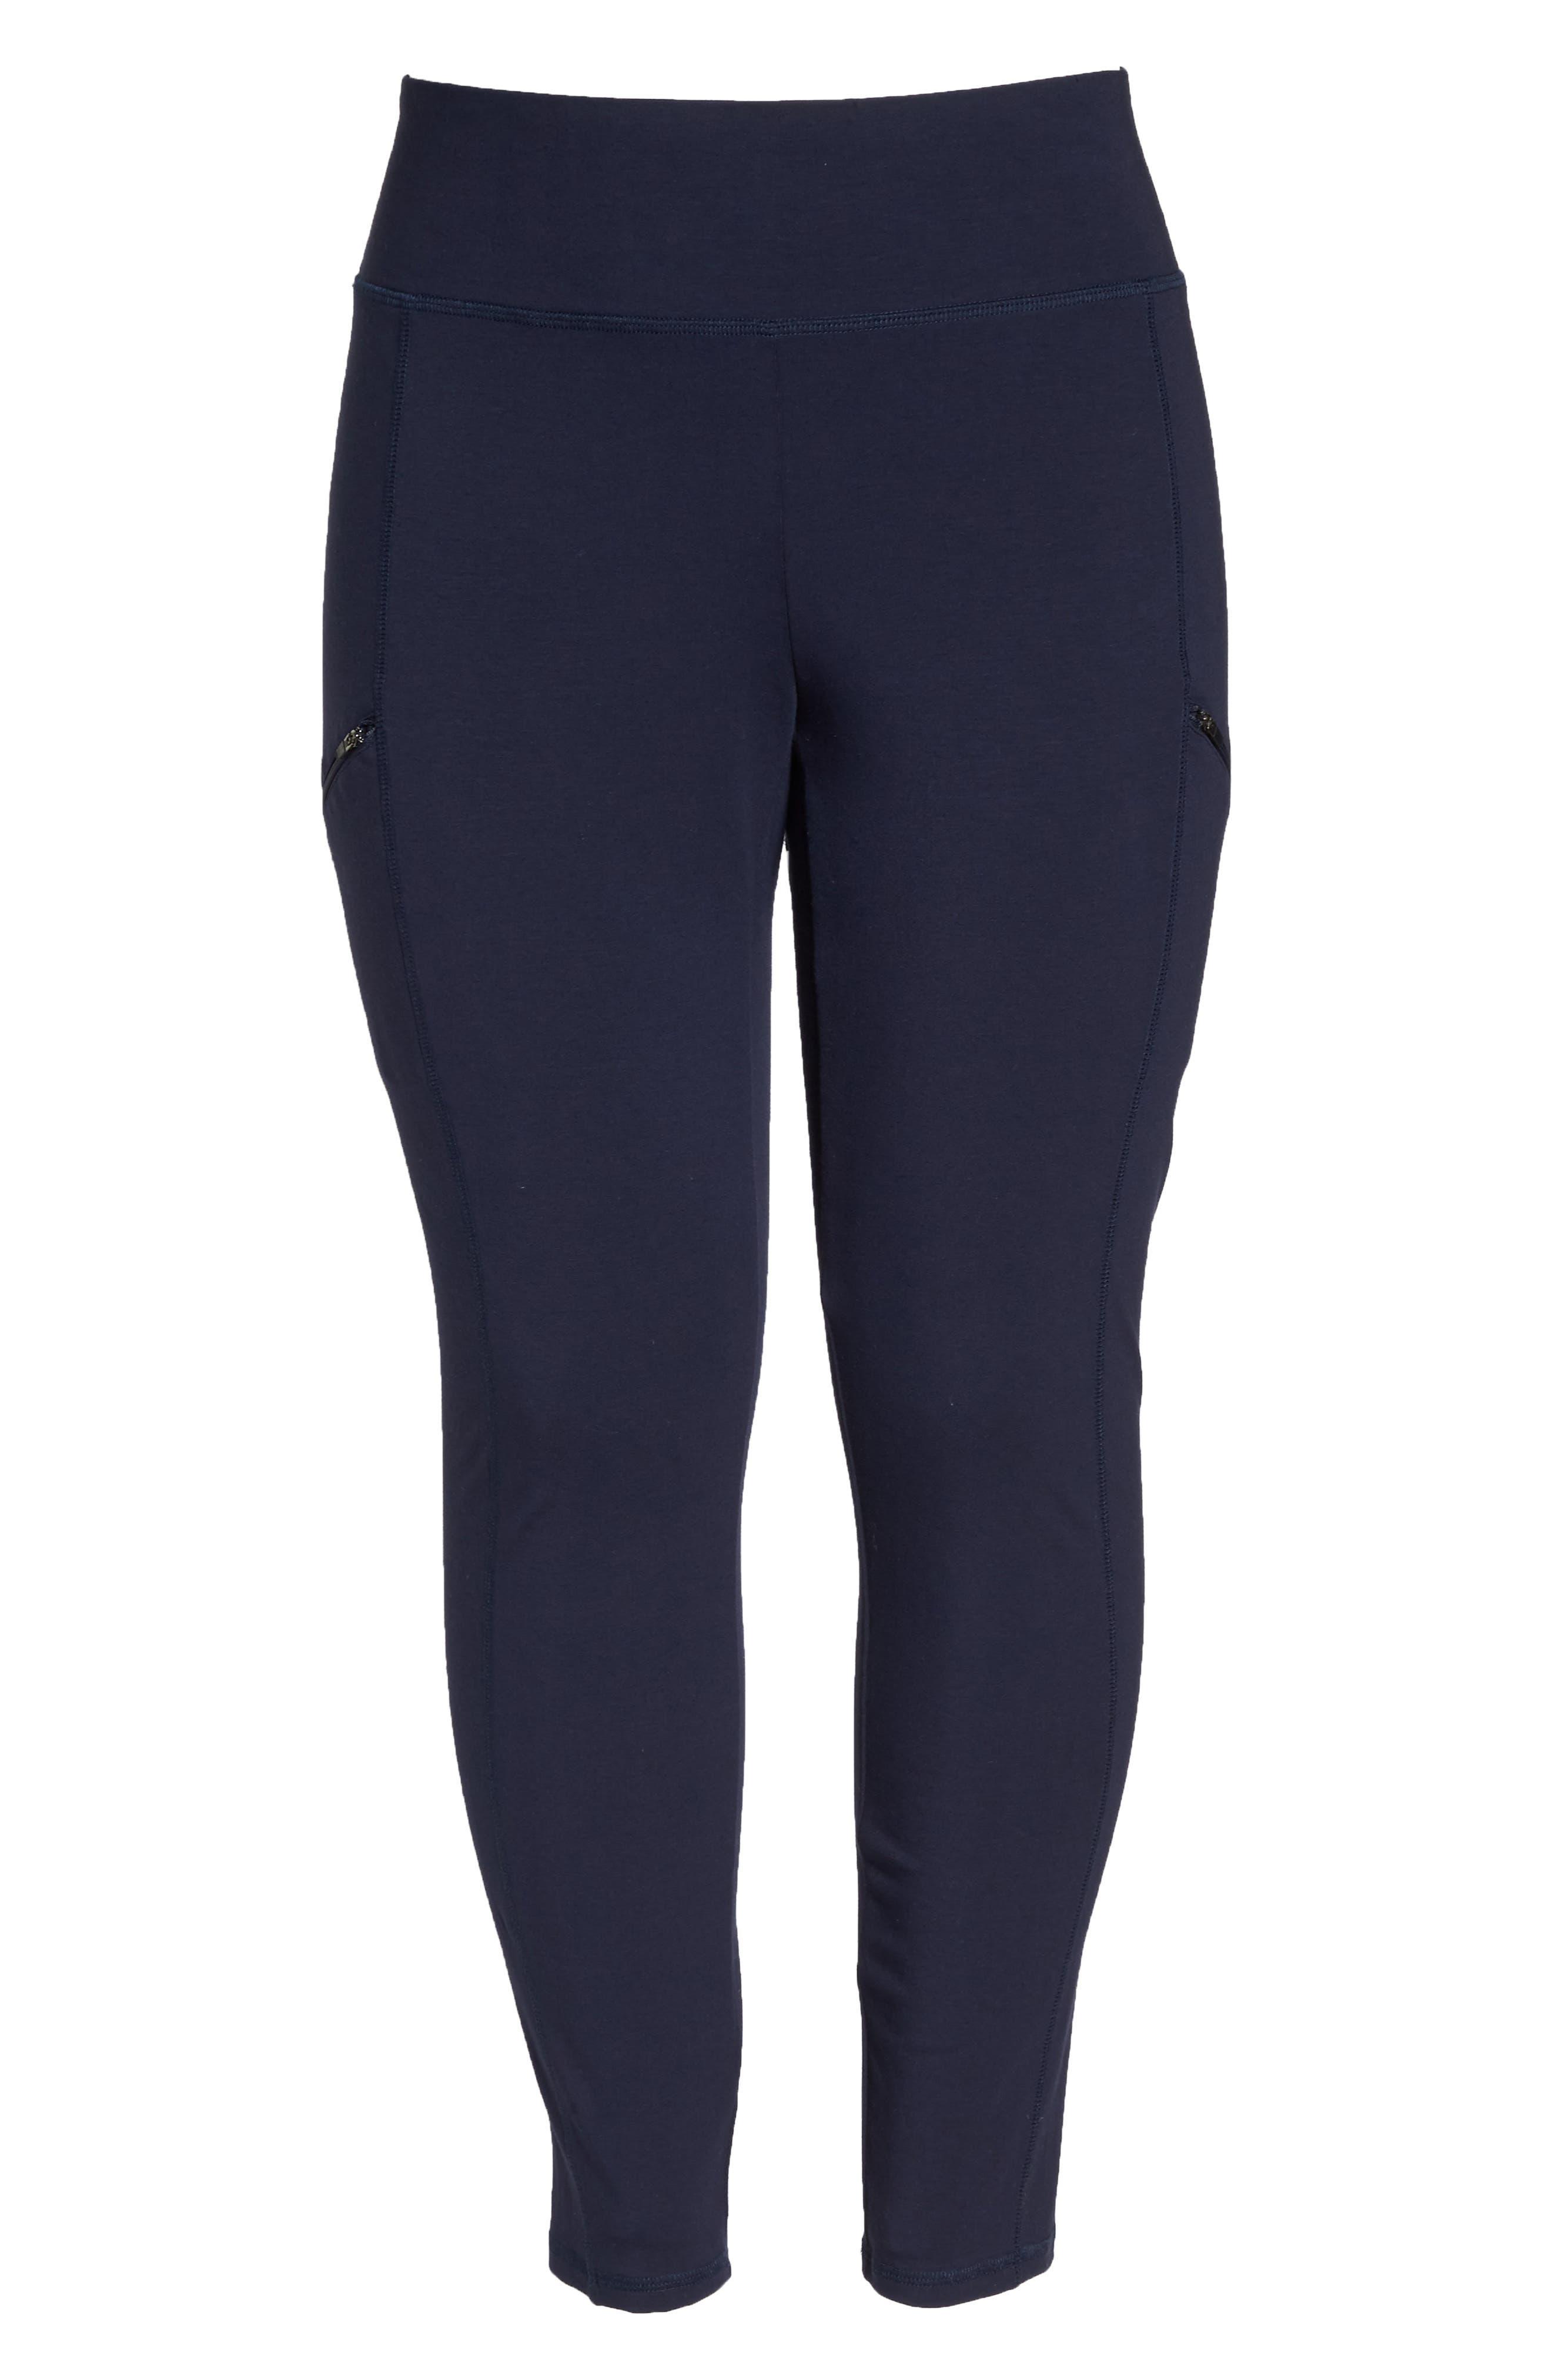 Skinny Knit Pants,                             Alternate thumbnail 7, color,                             419